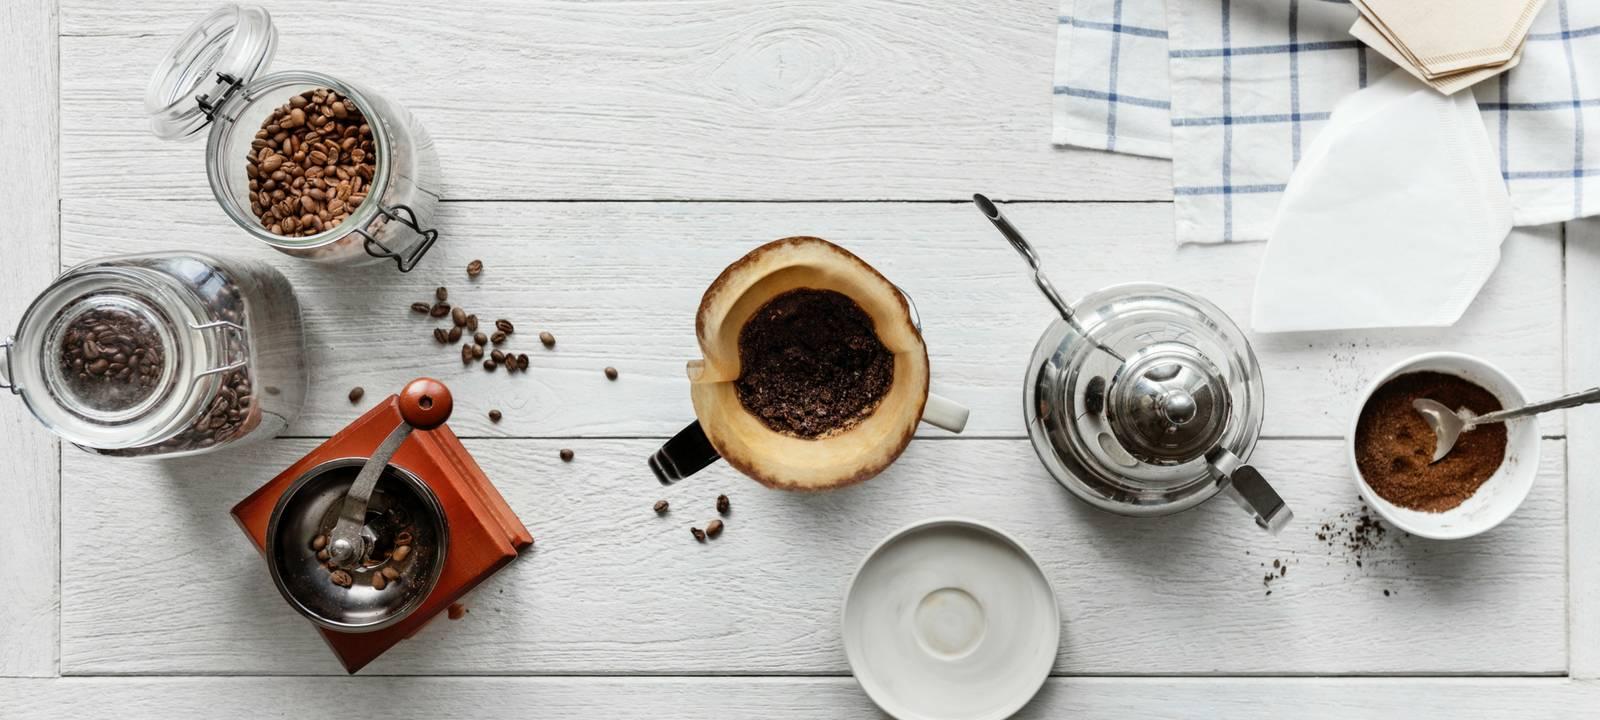 Чем заменить кофе: 15 идей на любой вкус